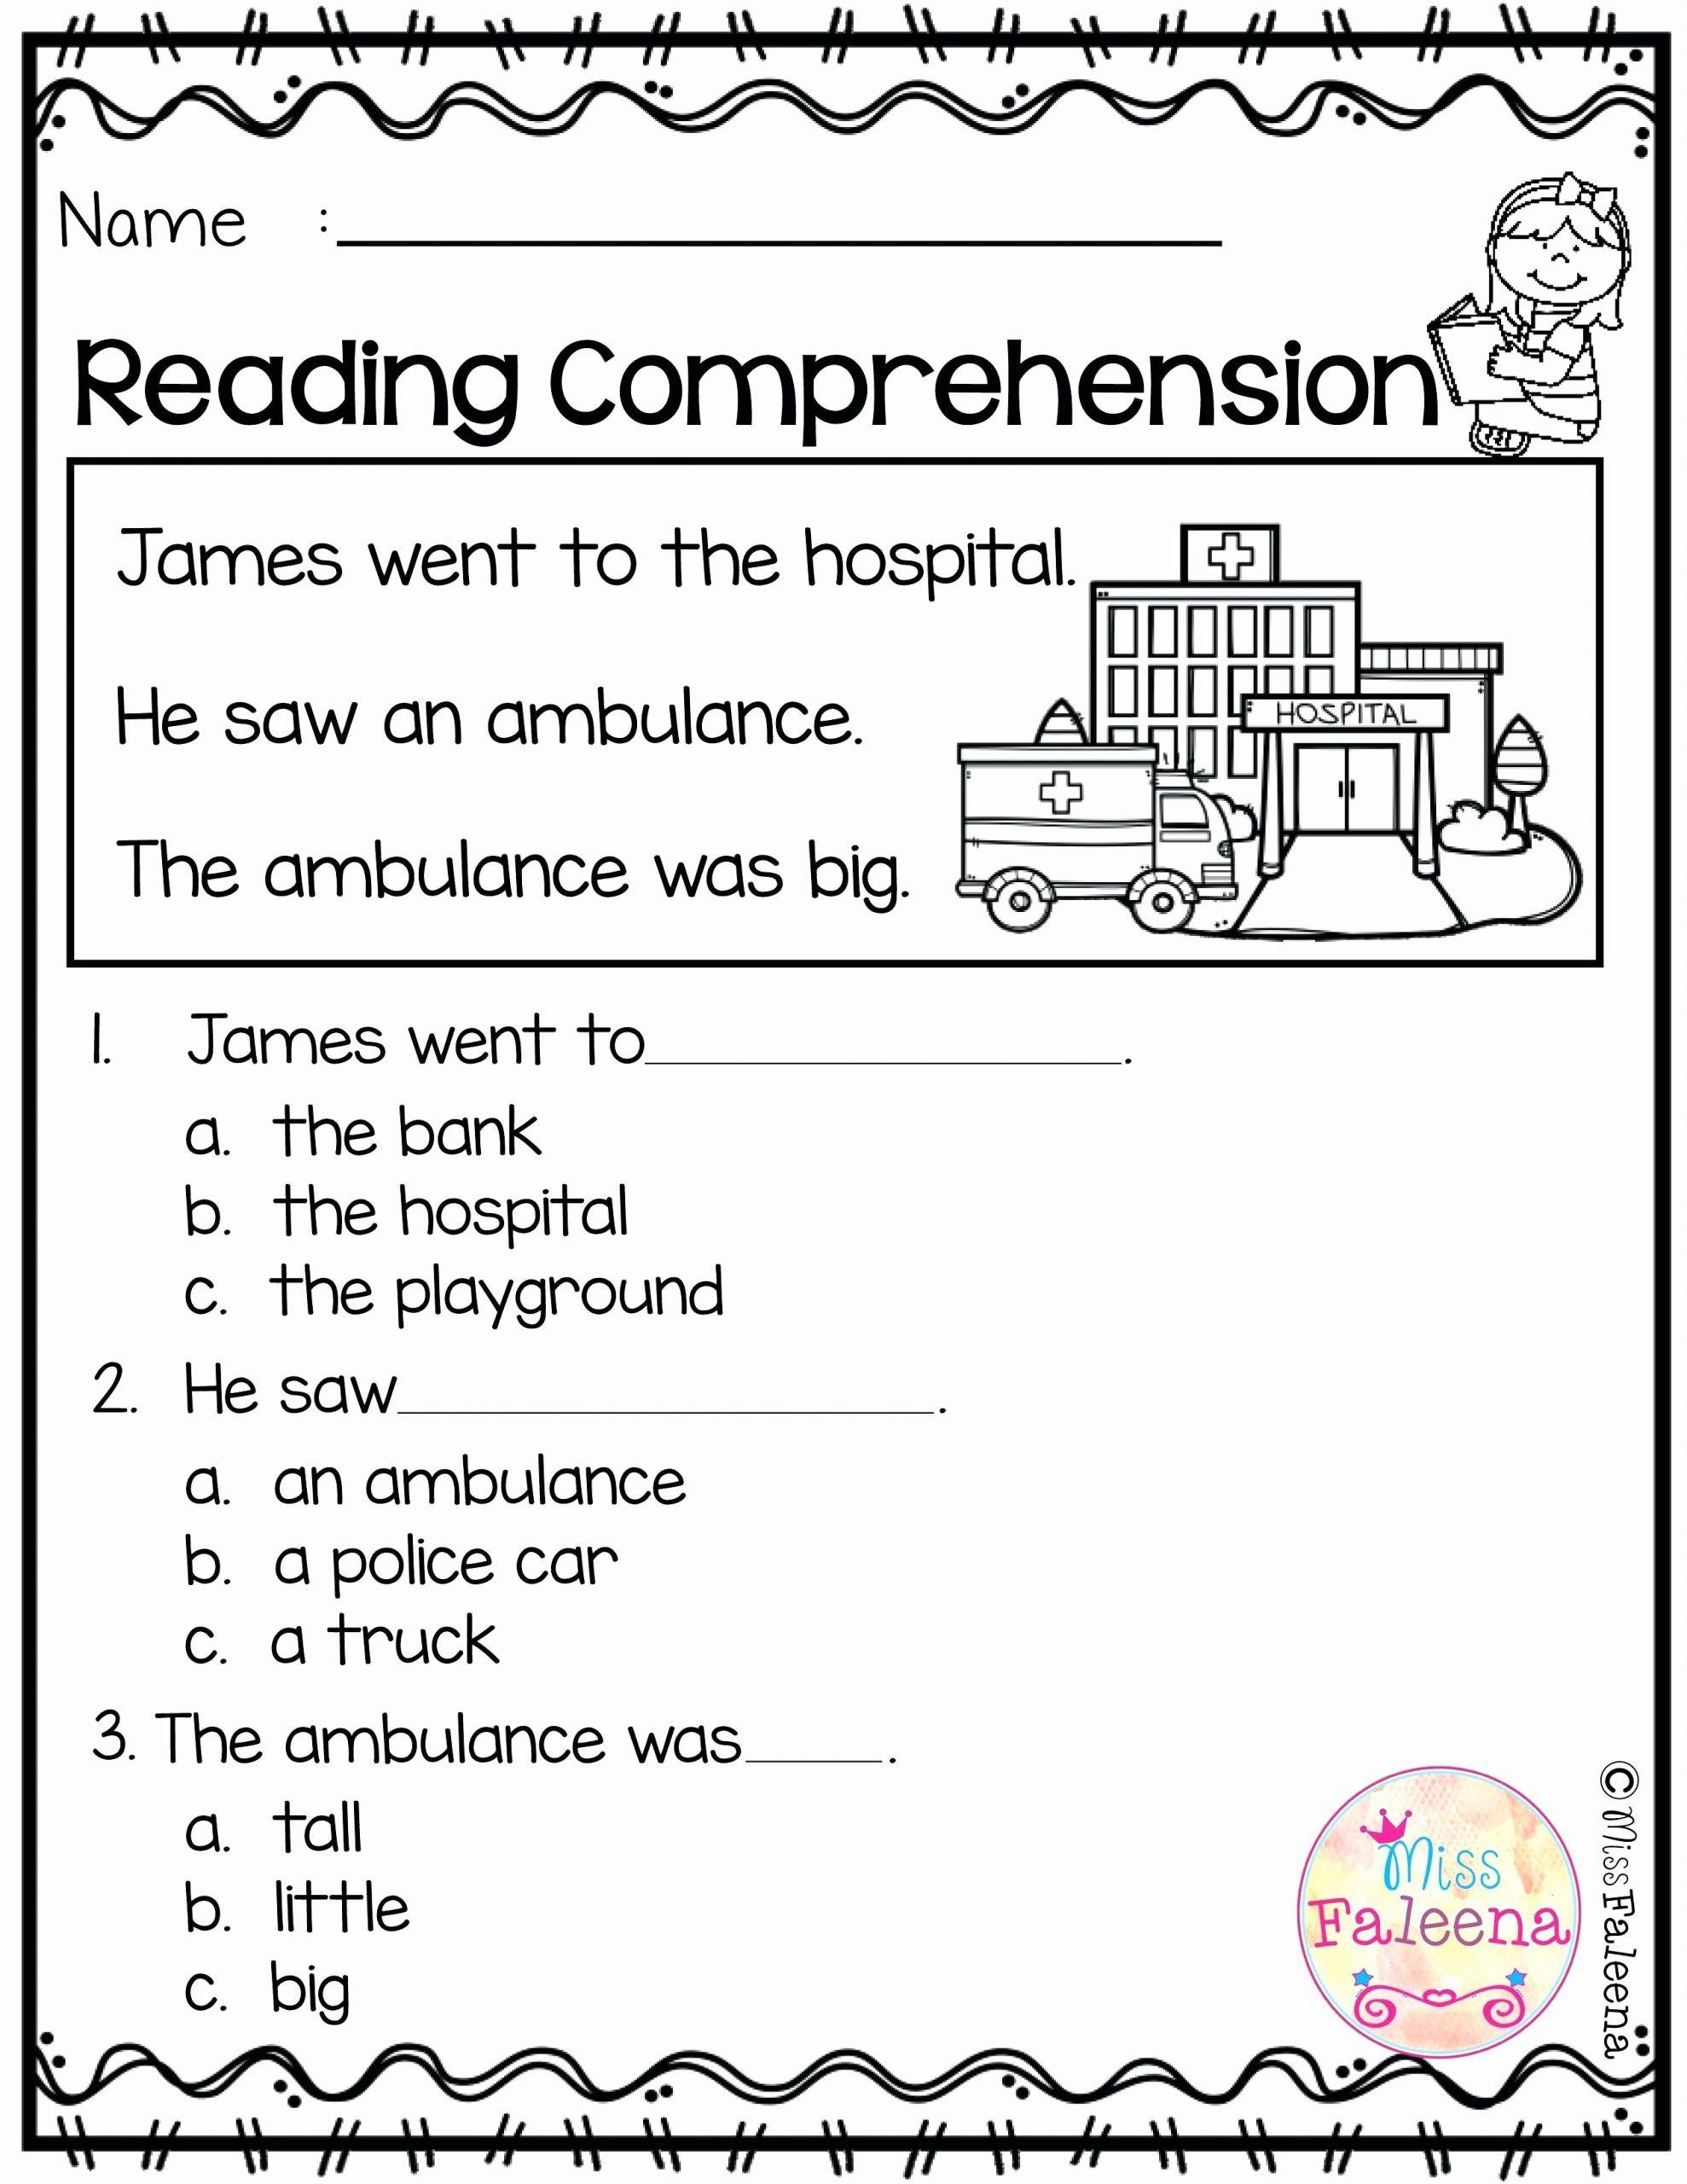 Reading Comprehension Worksheets Kindergarten In